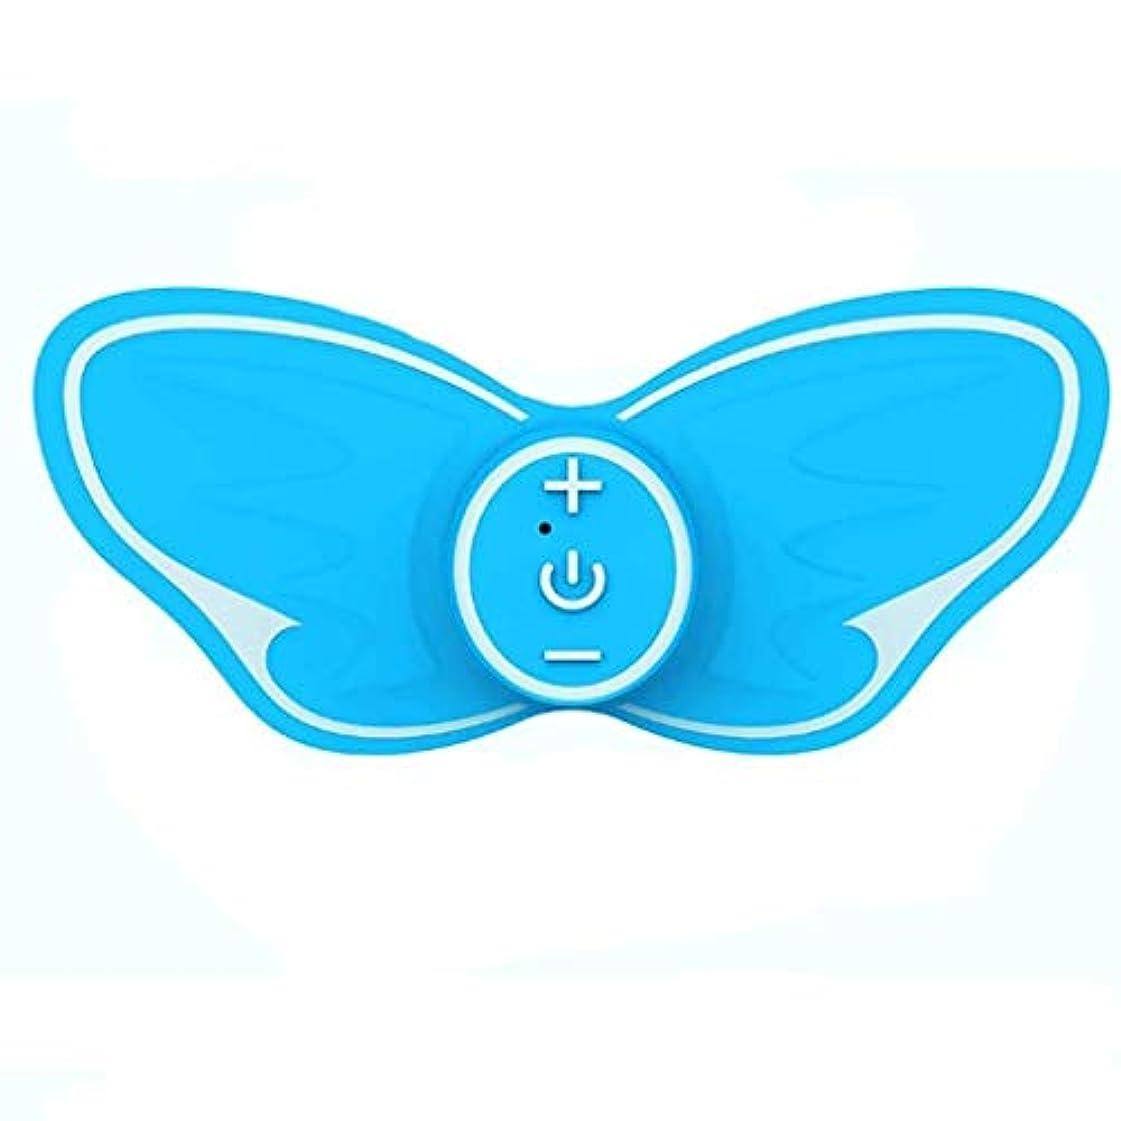 静かなタンパク質文芸電動ネックマッサージャー、スマートミニネックフィンガープレッシャーマッサージスティック、USB充電、加熱/ディープニーディングボディマッサージ、ポータブル (Color : 青)